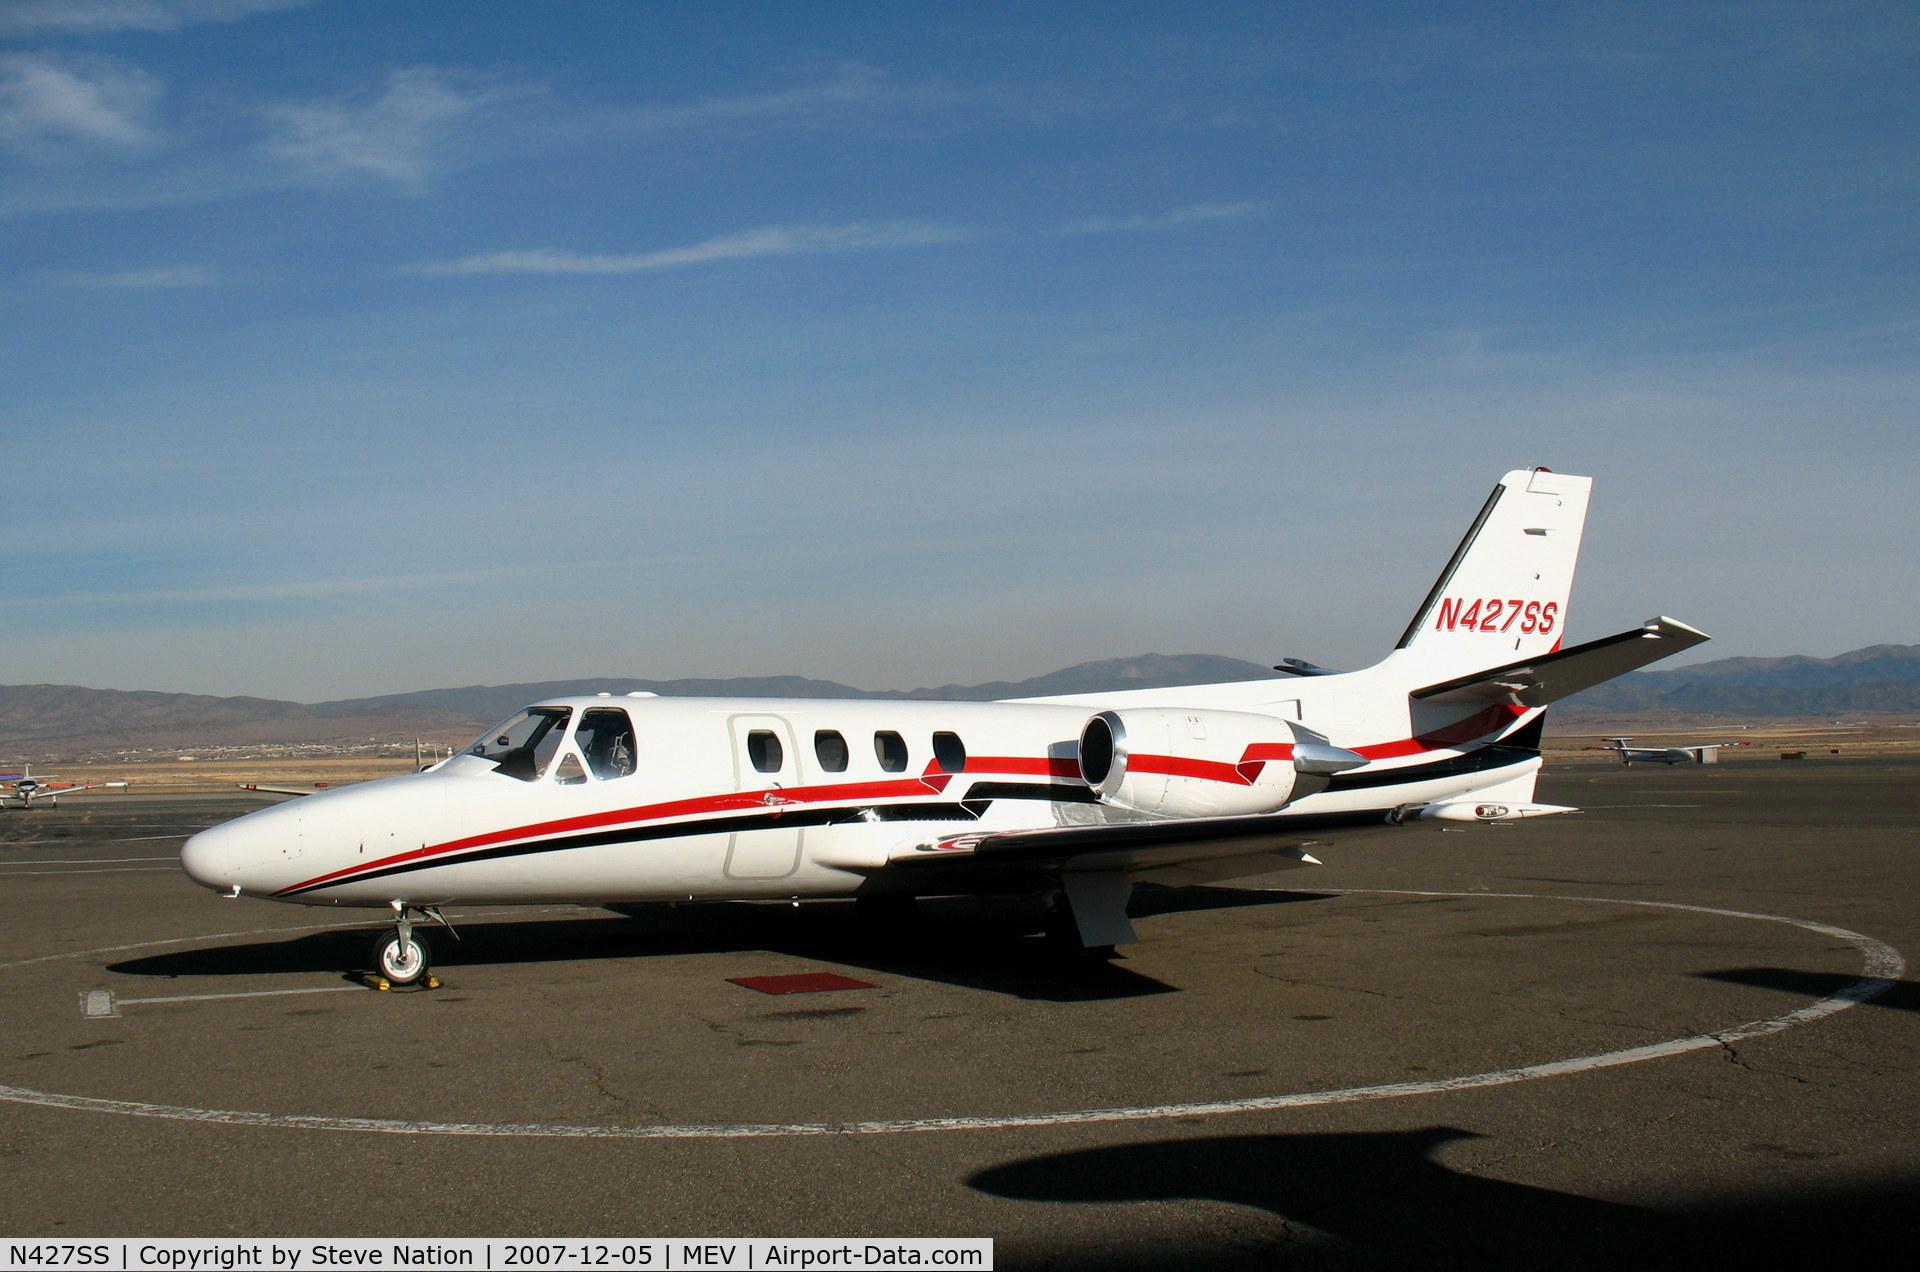 N427SS, 1984 Cessna 501 Citation I/SP C/N 501-0681, 1984 Cessna 501 @Minden, NV